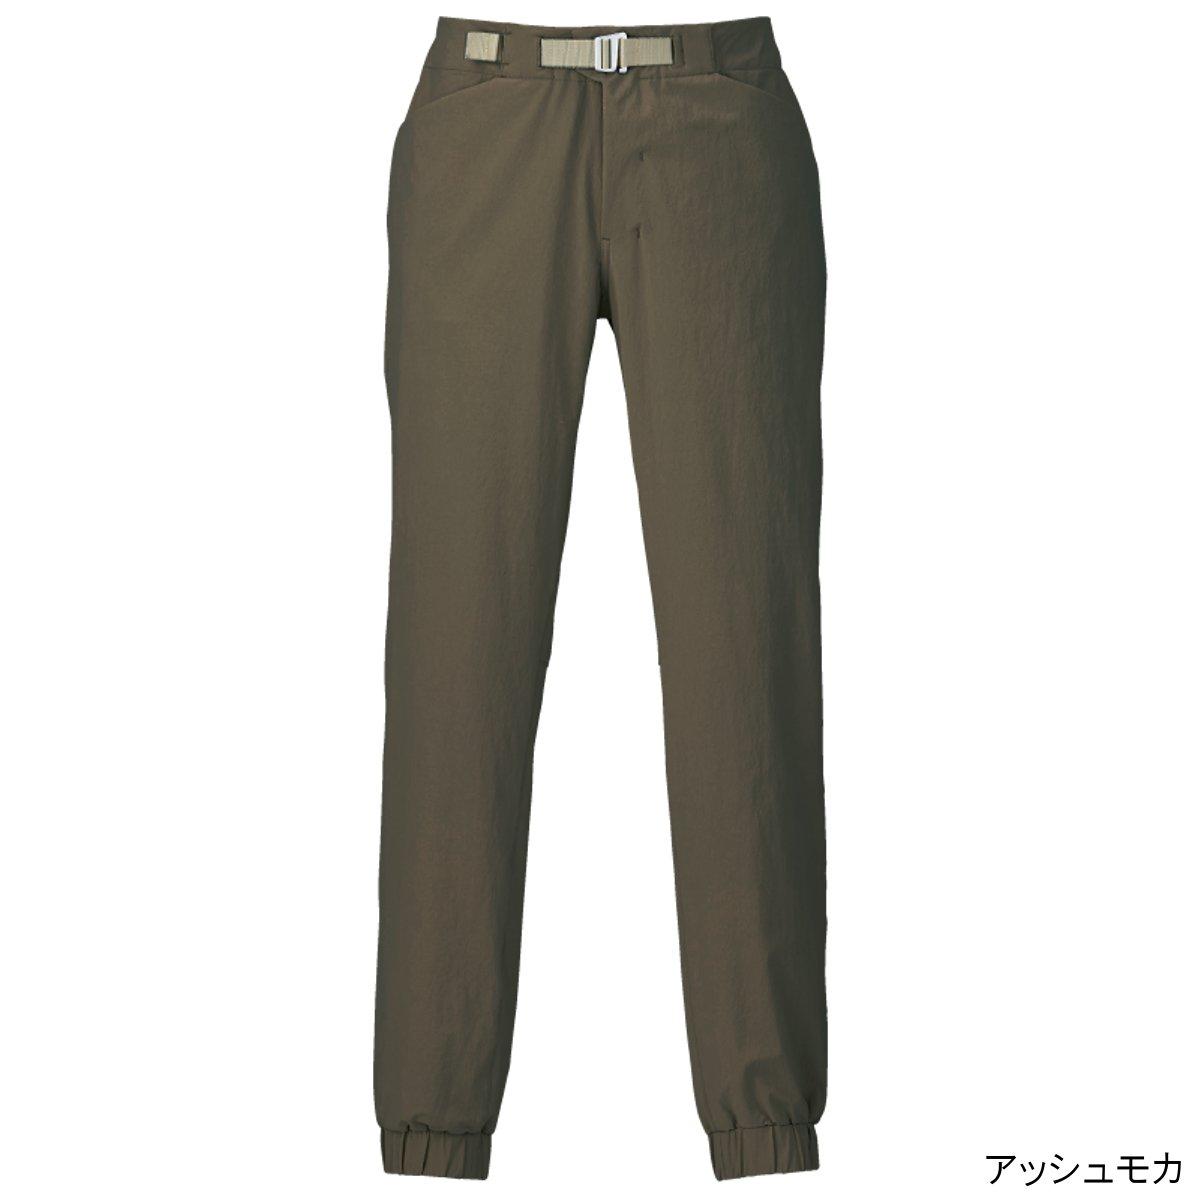 ダイワ 強撥水ストレッチパンツ DP-8007 M アッシュモカ(東日本店)